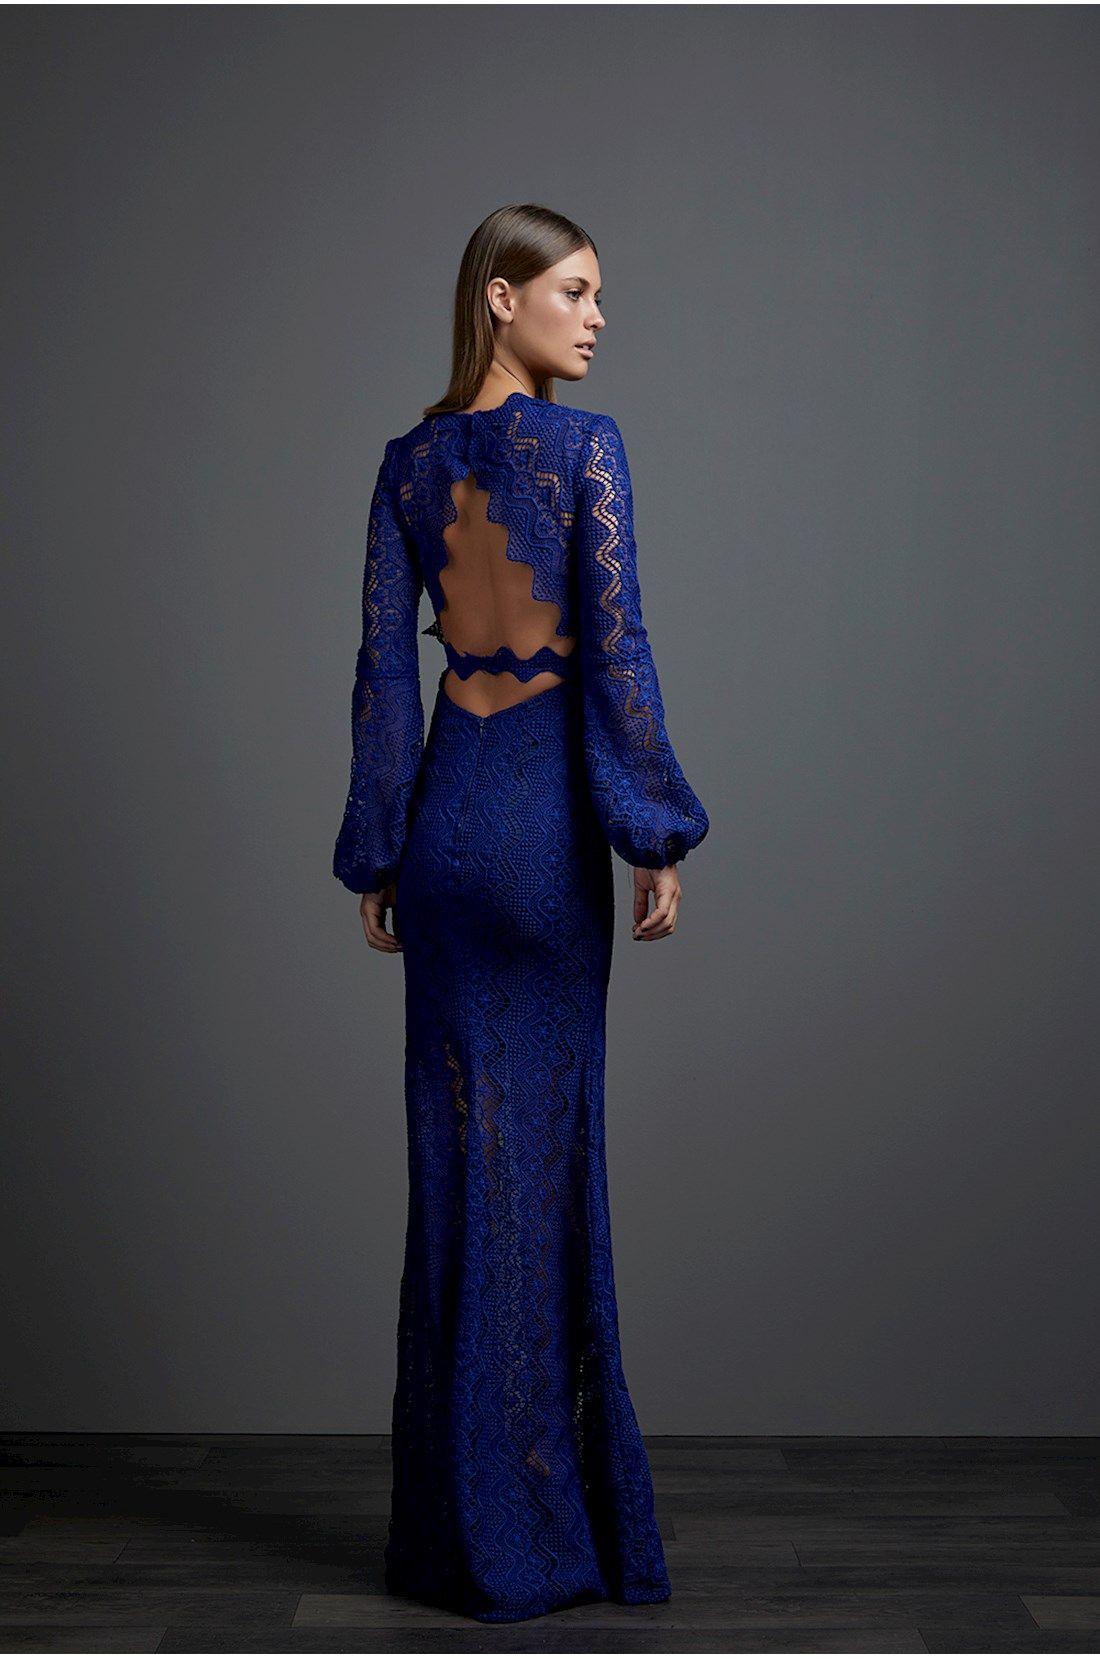 eccce6bec7 Iorane - Vestido longo em renda azul marinho. Detalhe para decote nas  costas. Manga